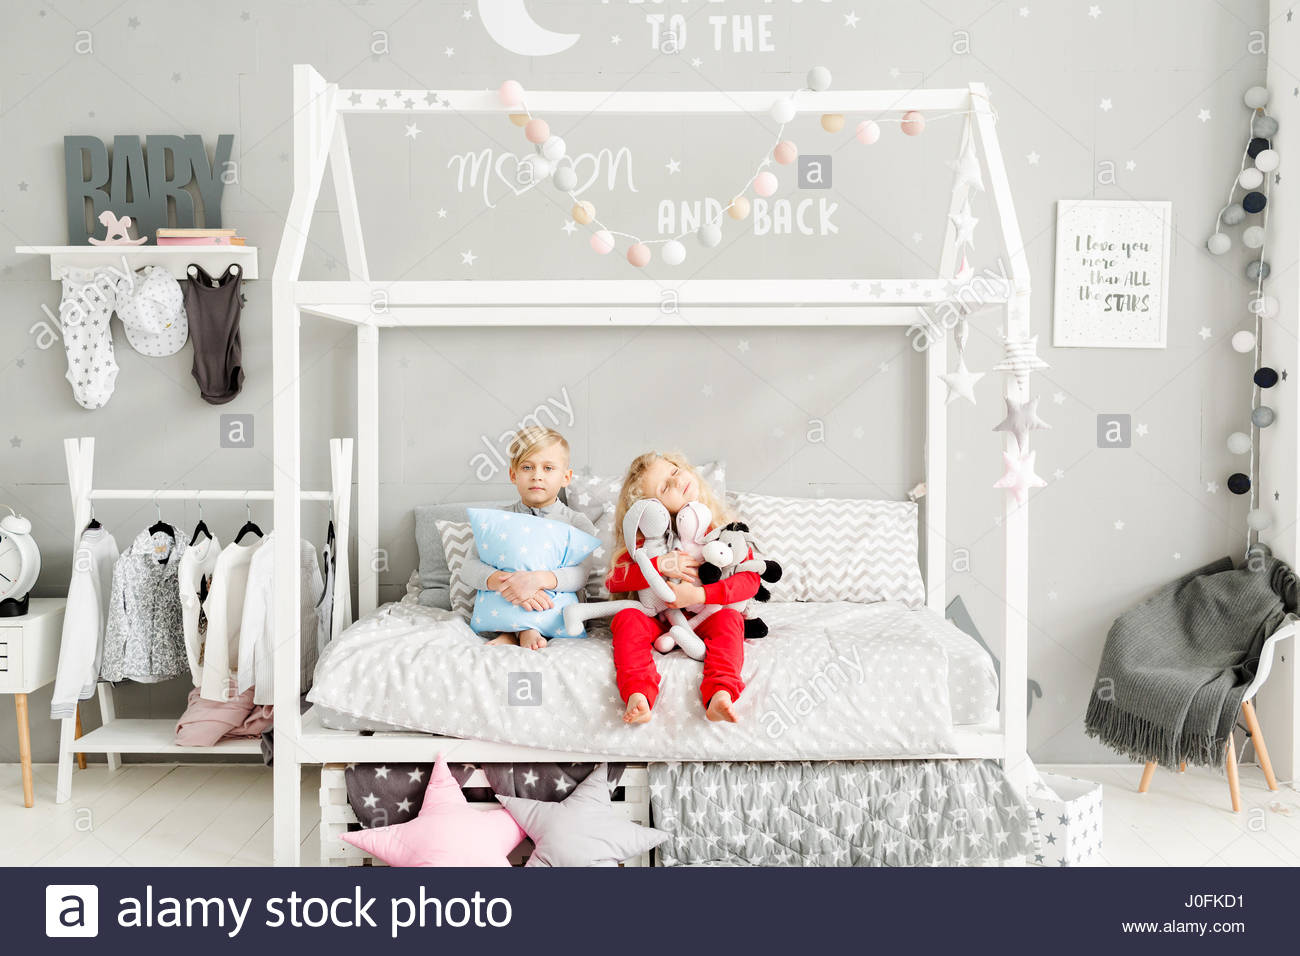 Kinderzimmer Madchen | Kleines Madchen Mit Weissem Lockiges Haar In Roten Schlafanzug Und